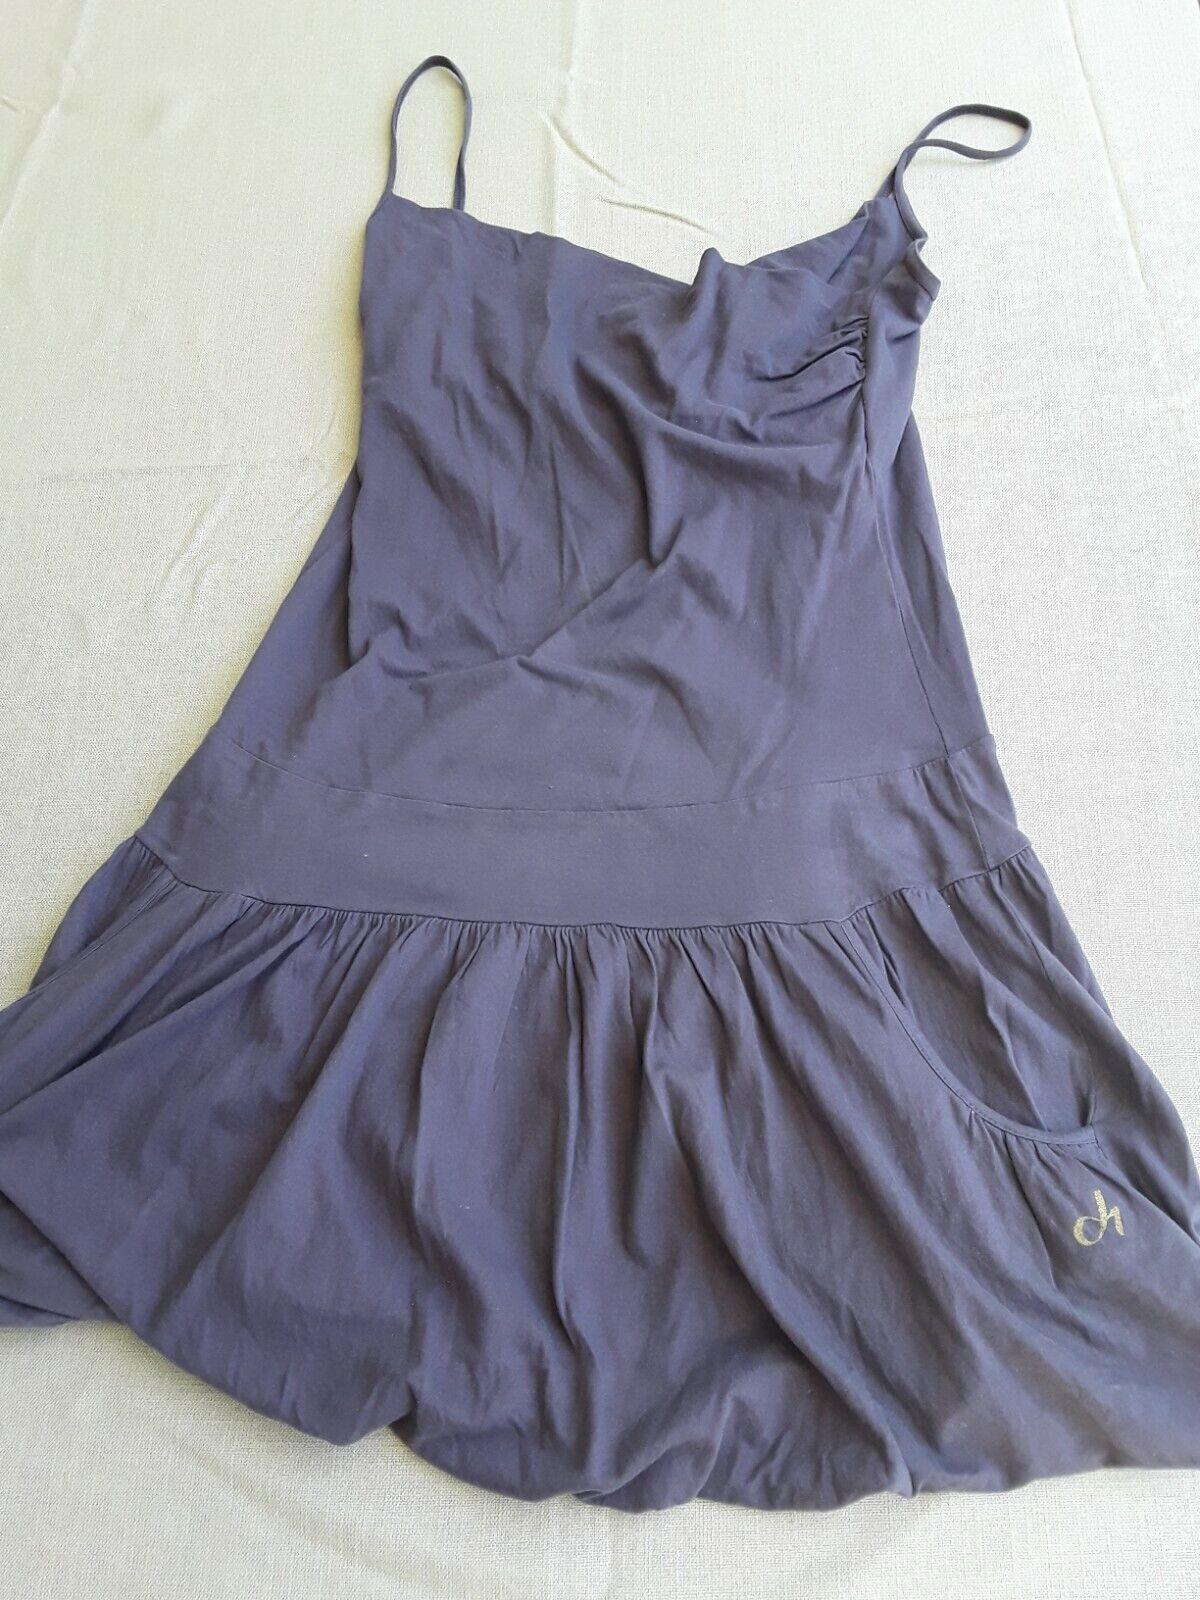 Deha*Träger*Volant*Kleid*Größe L*Trikotkleid*mit Eingrifftaschen*lila*38*40*TOP